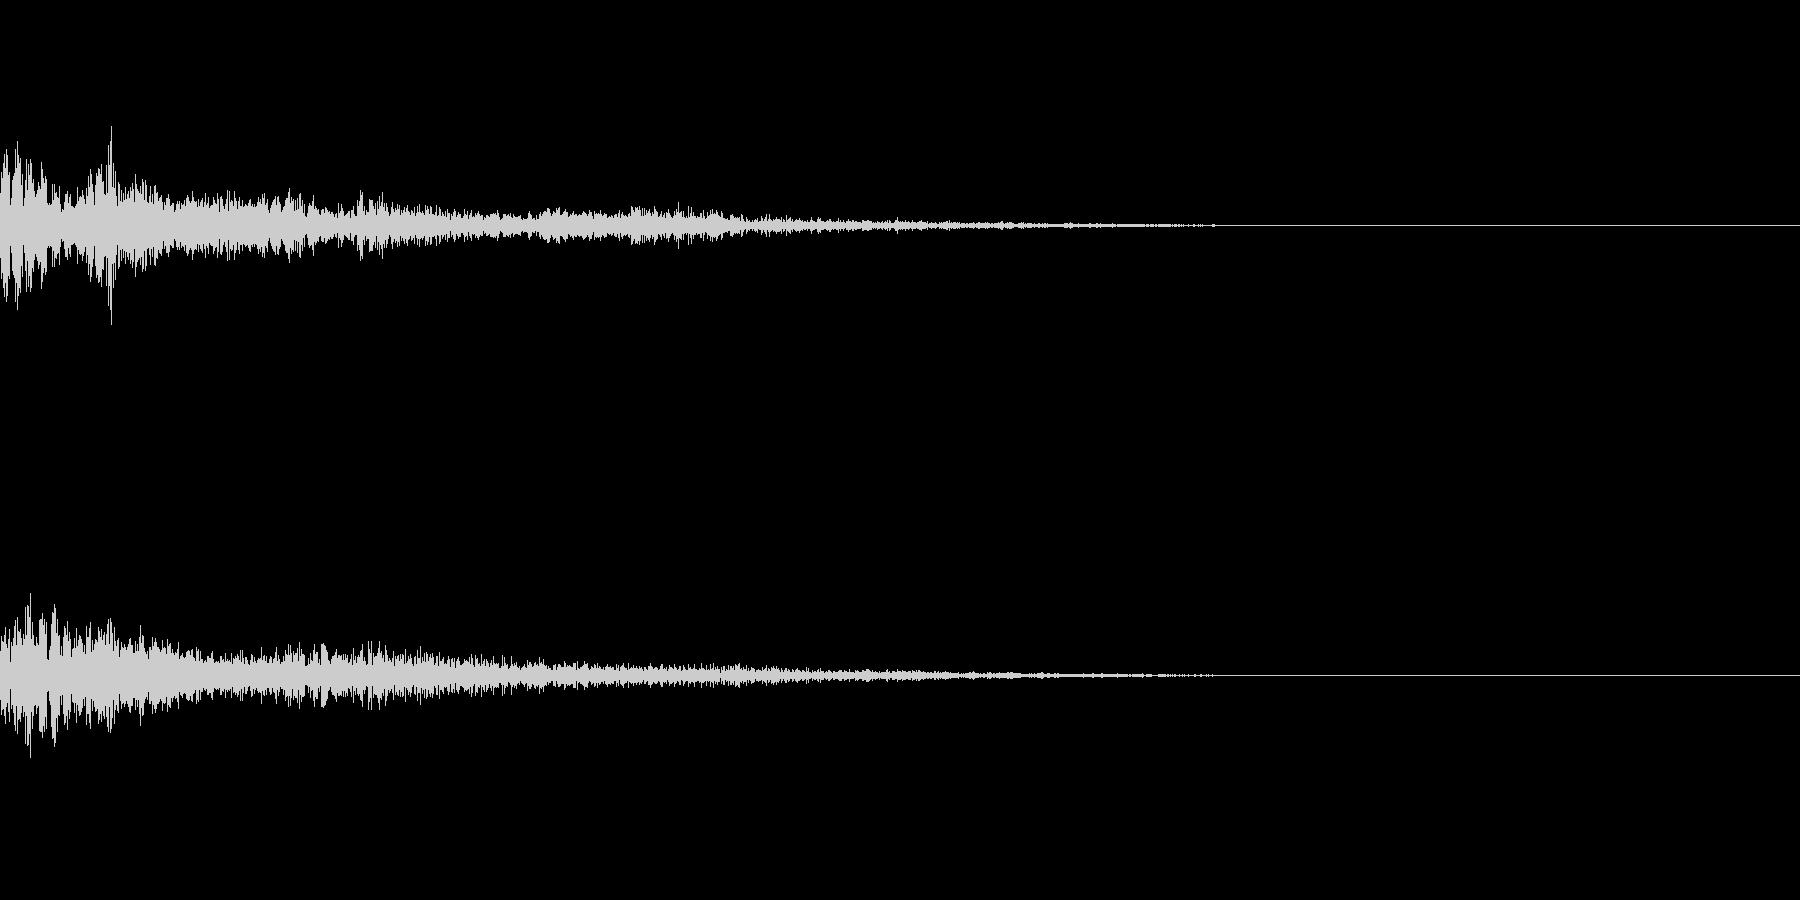 【Horror】戻る【カーソル】の未再生の波形